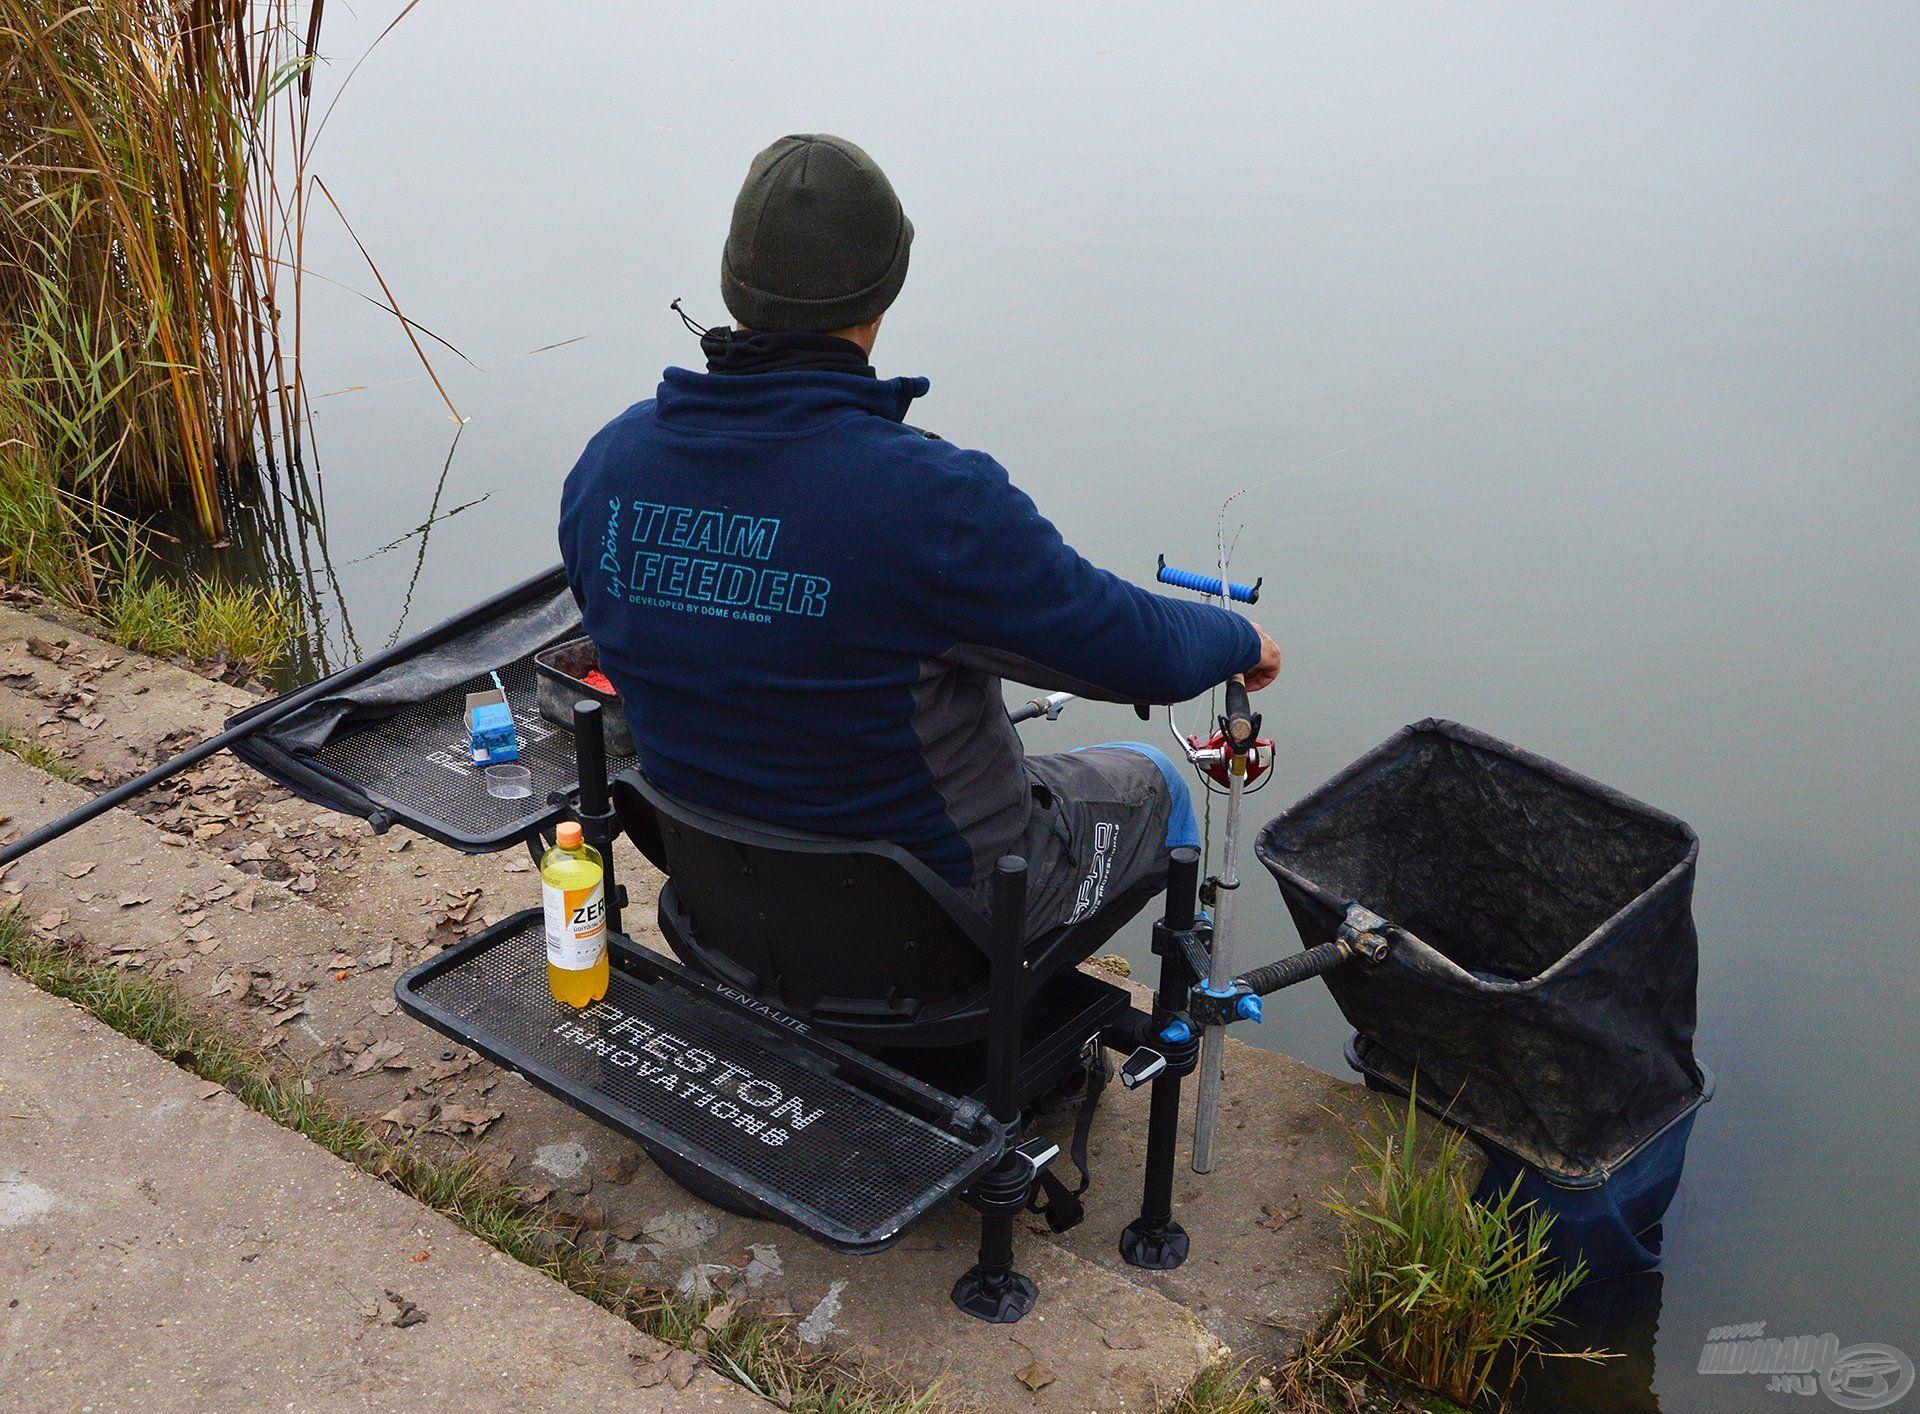 Ha meg akarjuk tartani zsákmányt, illetve horgászversenyen a halakat mindenképp halbarát anyagú haltartóba helyezzük úgy, hogy a szák nagy része víz alatt legyen